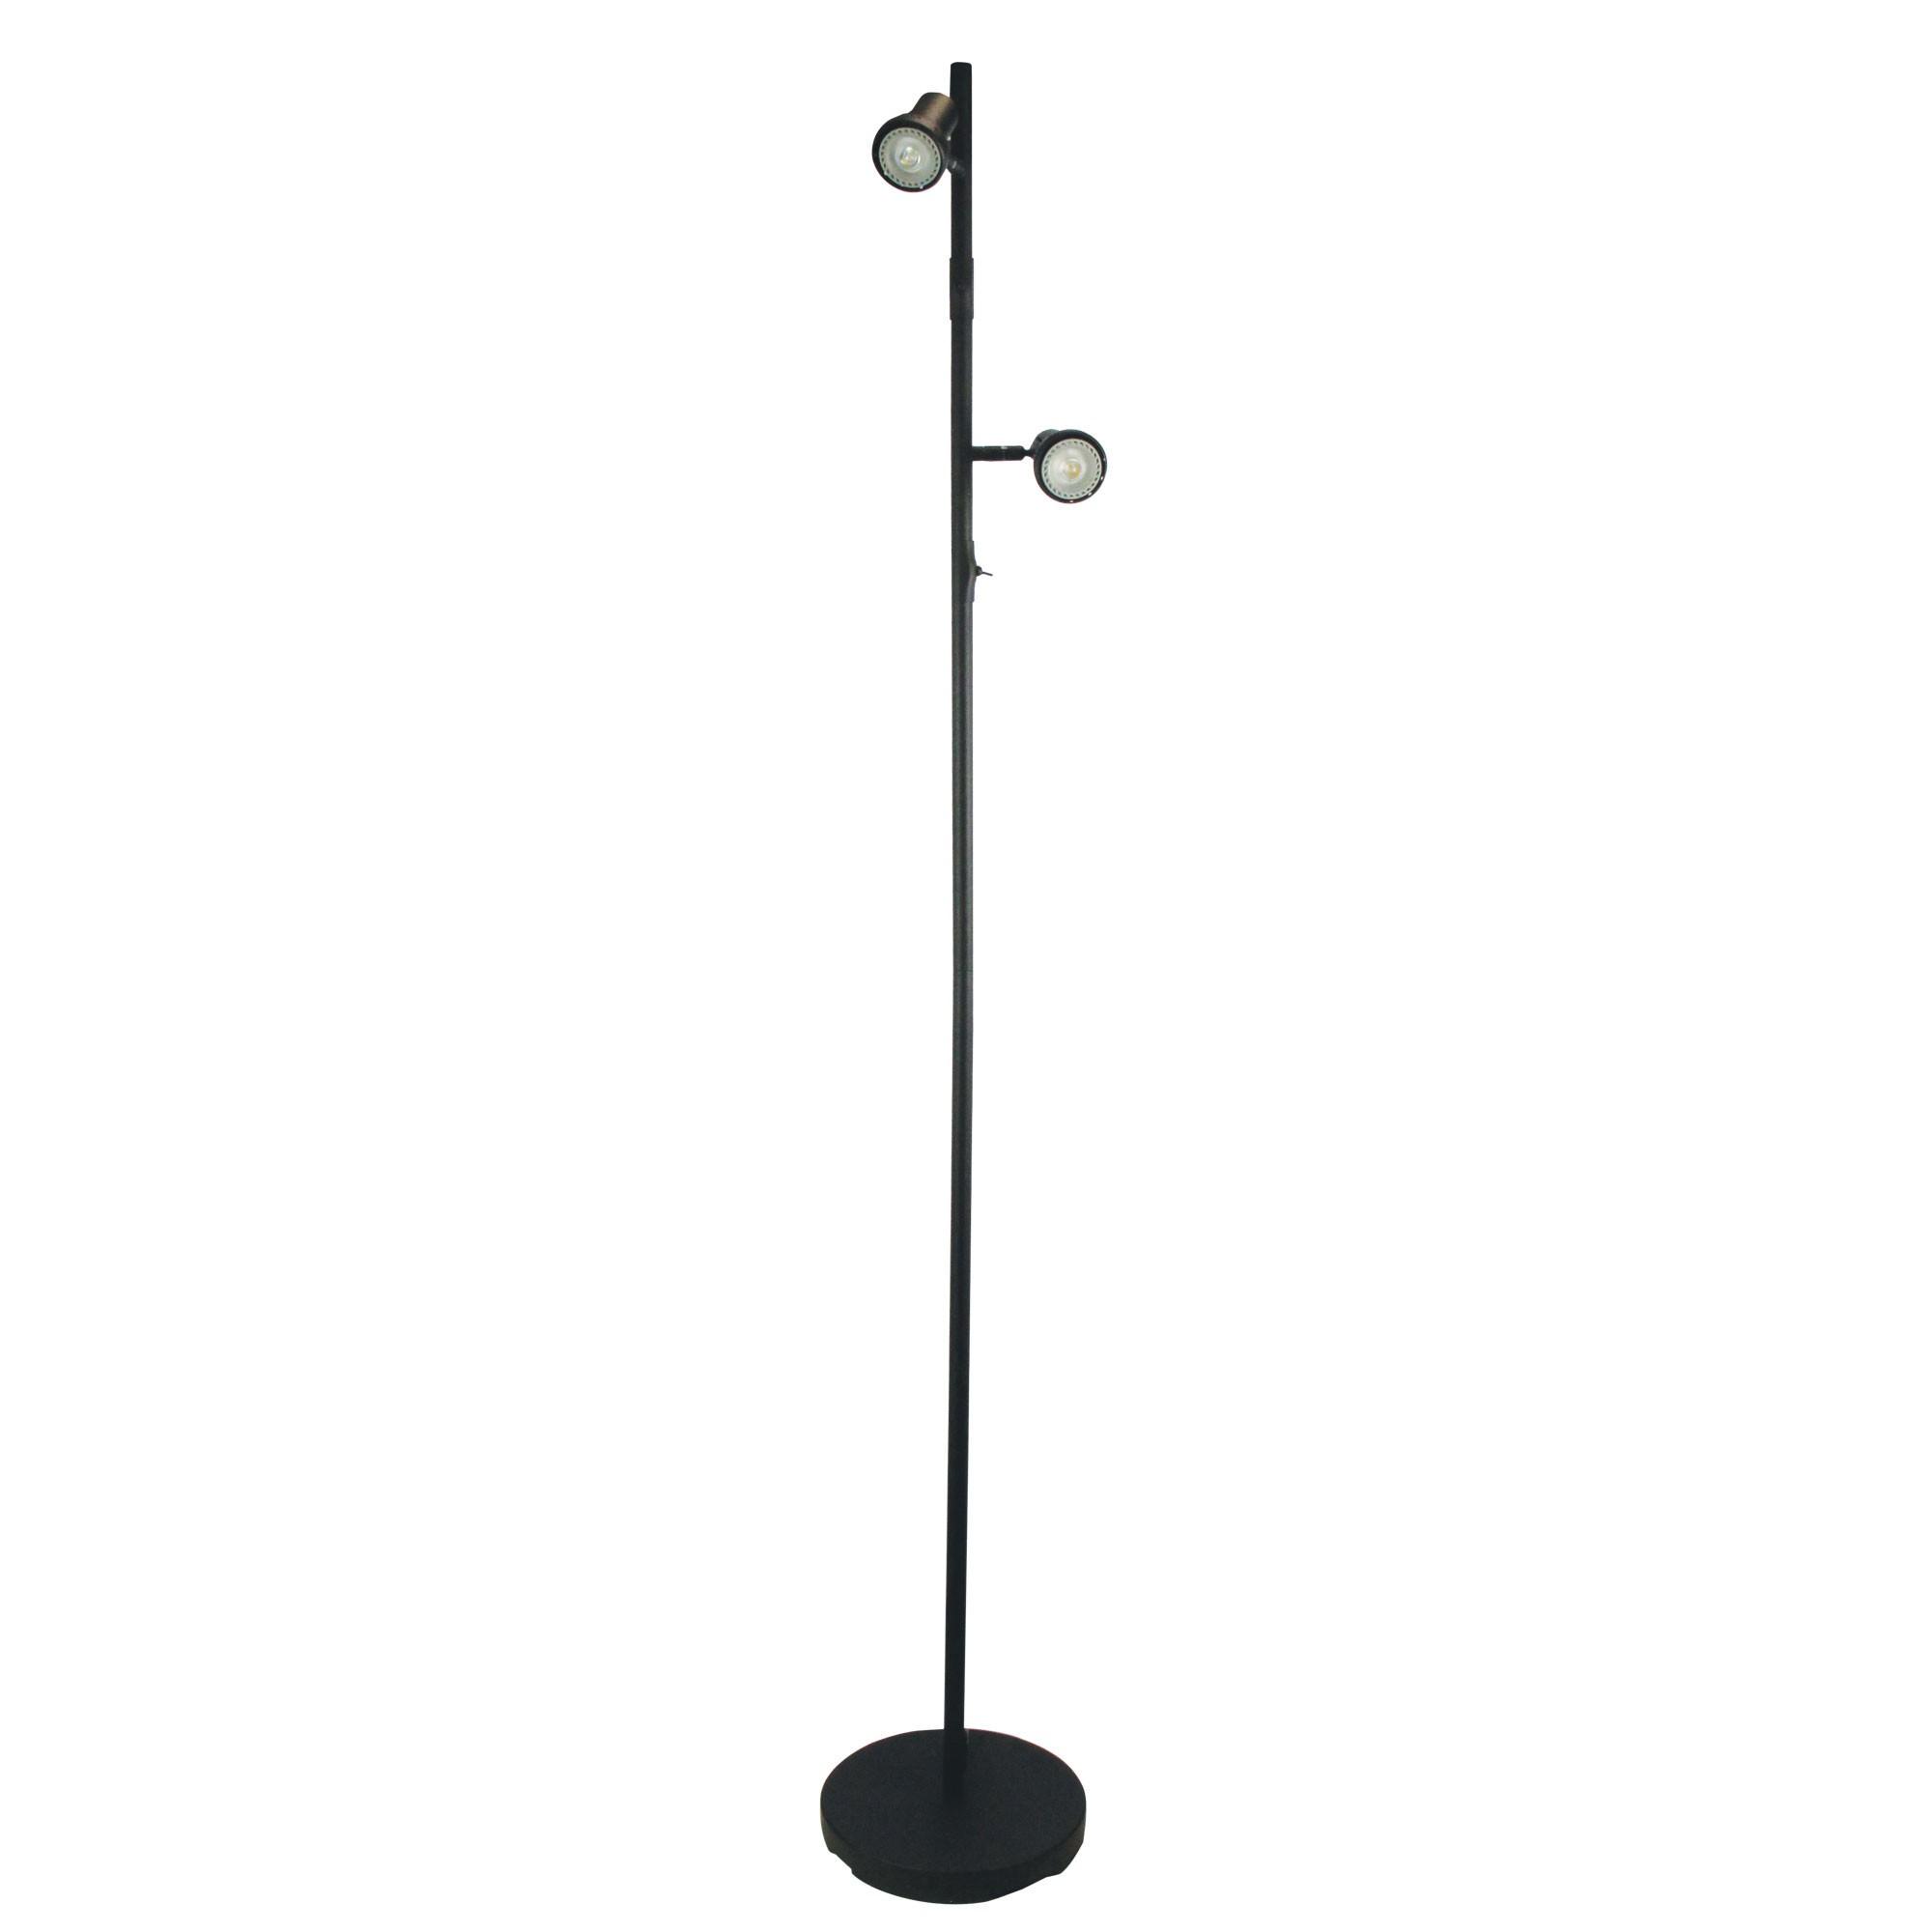 Daxam Metal Twin Adjustable LED Floor Lamp, Black